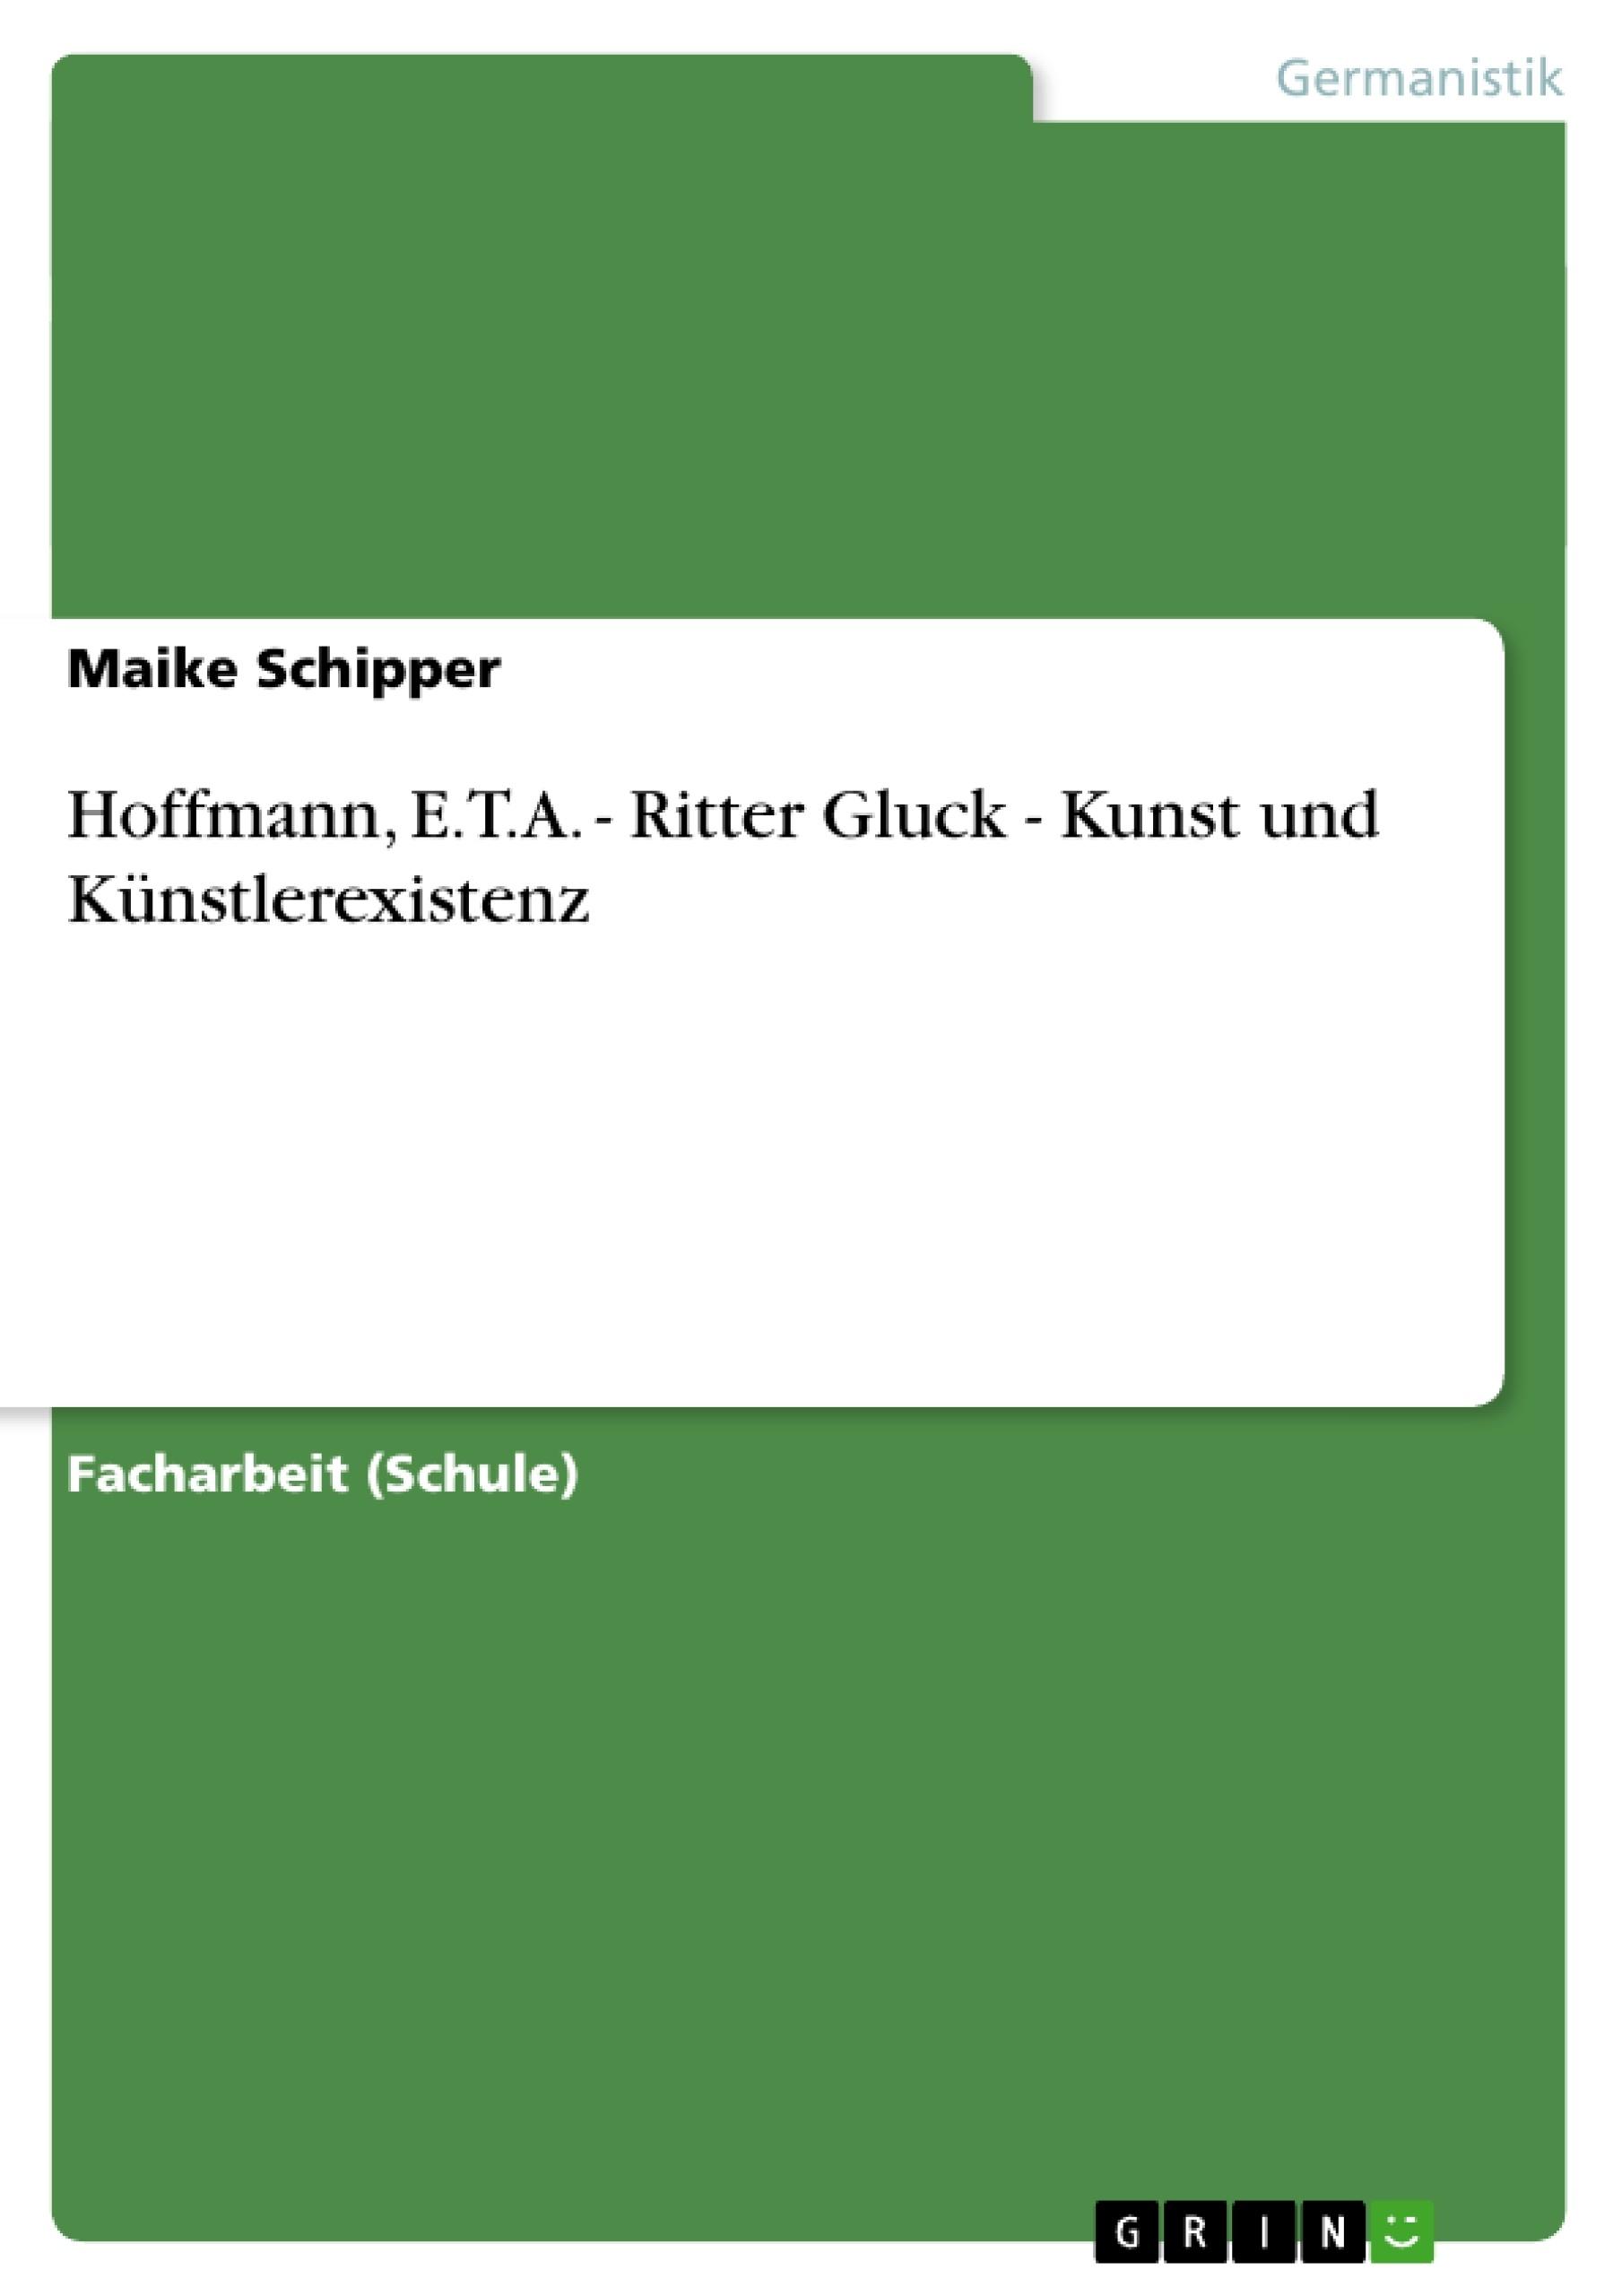 Titel: Hoffmann, E.T.A. - Ritter Gluck - Kunst und Künstlerexistenz